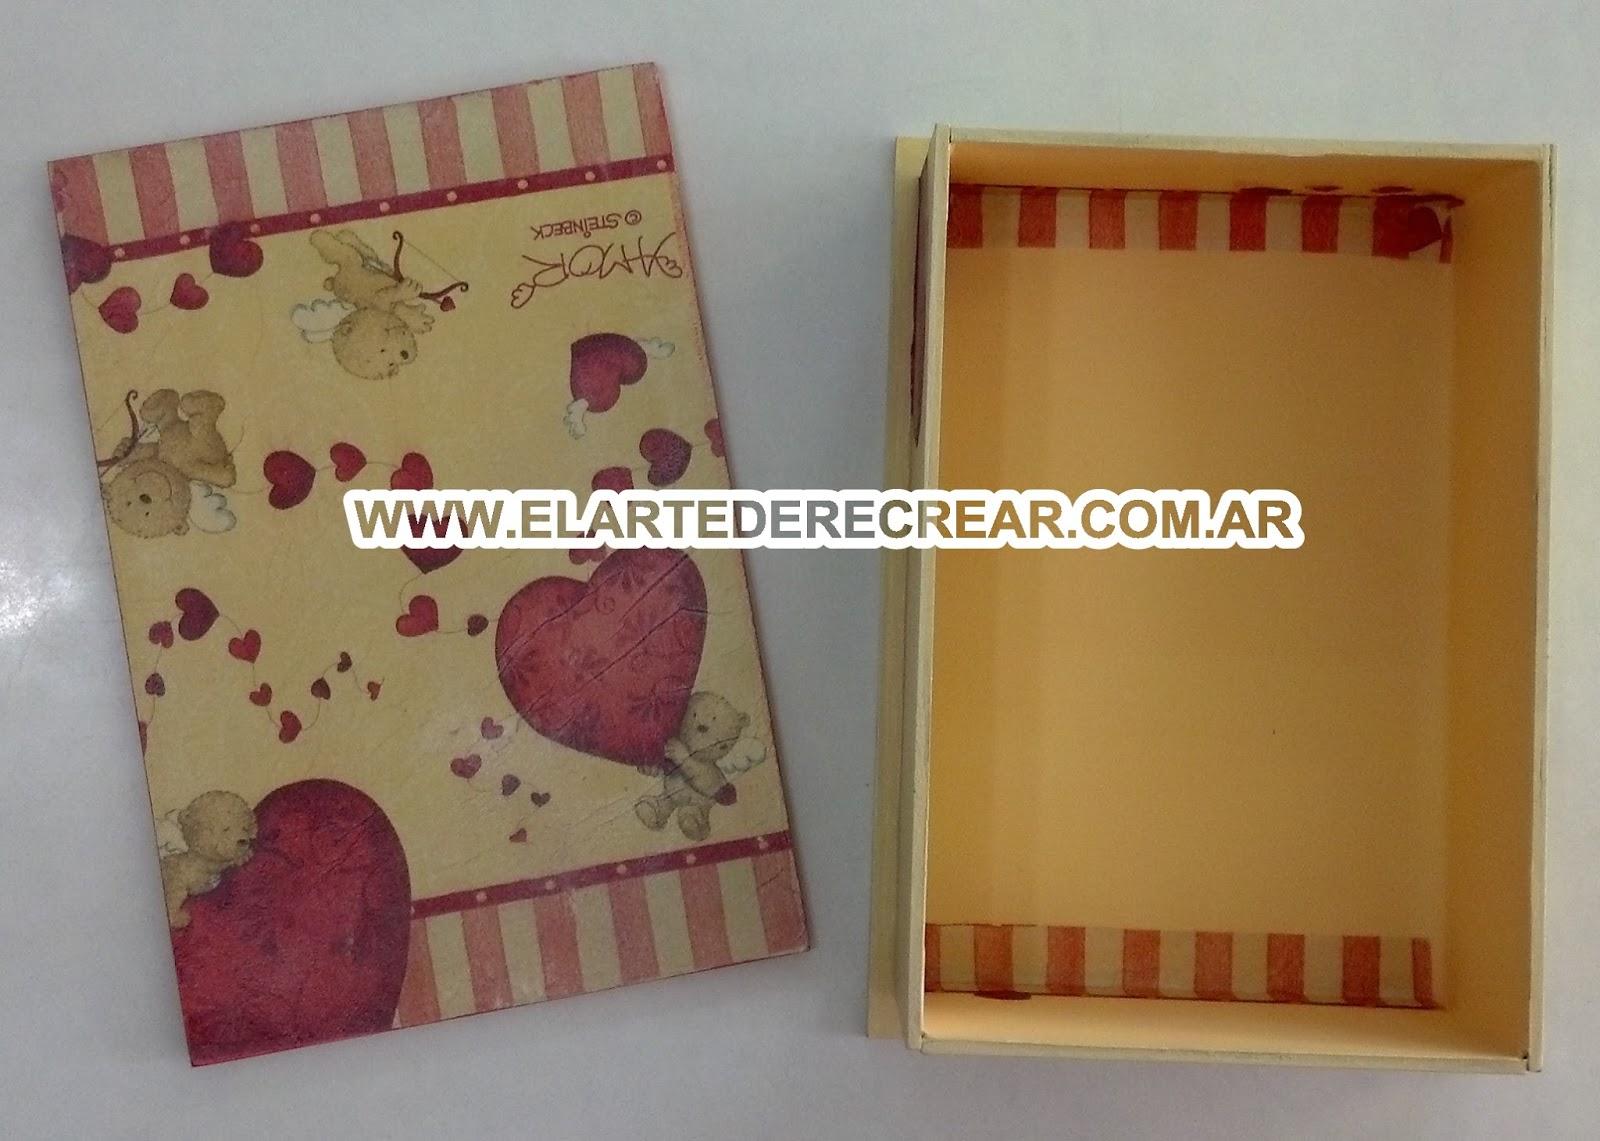 Caja de madera con decupage recrear manualidades arte - Manualidades con caja de madera ...